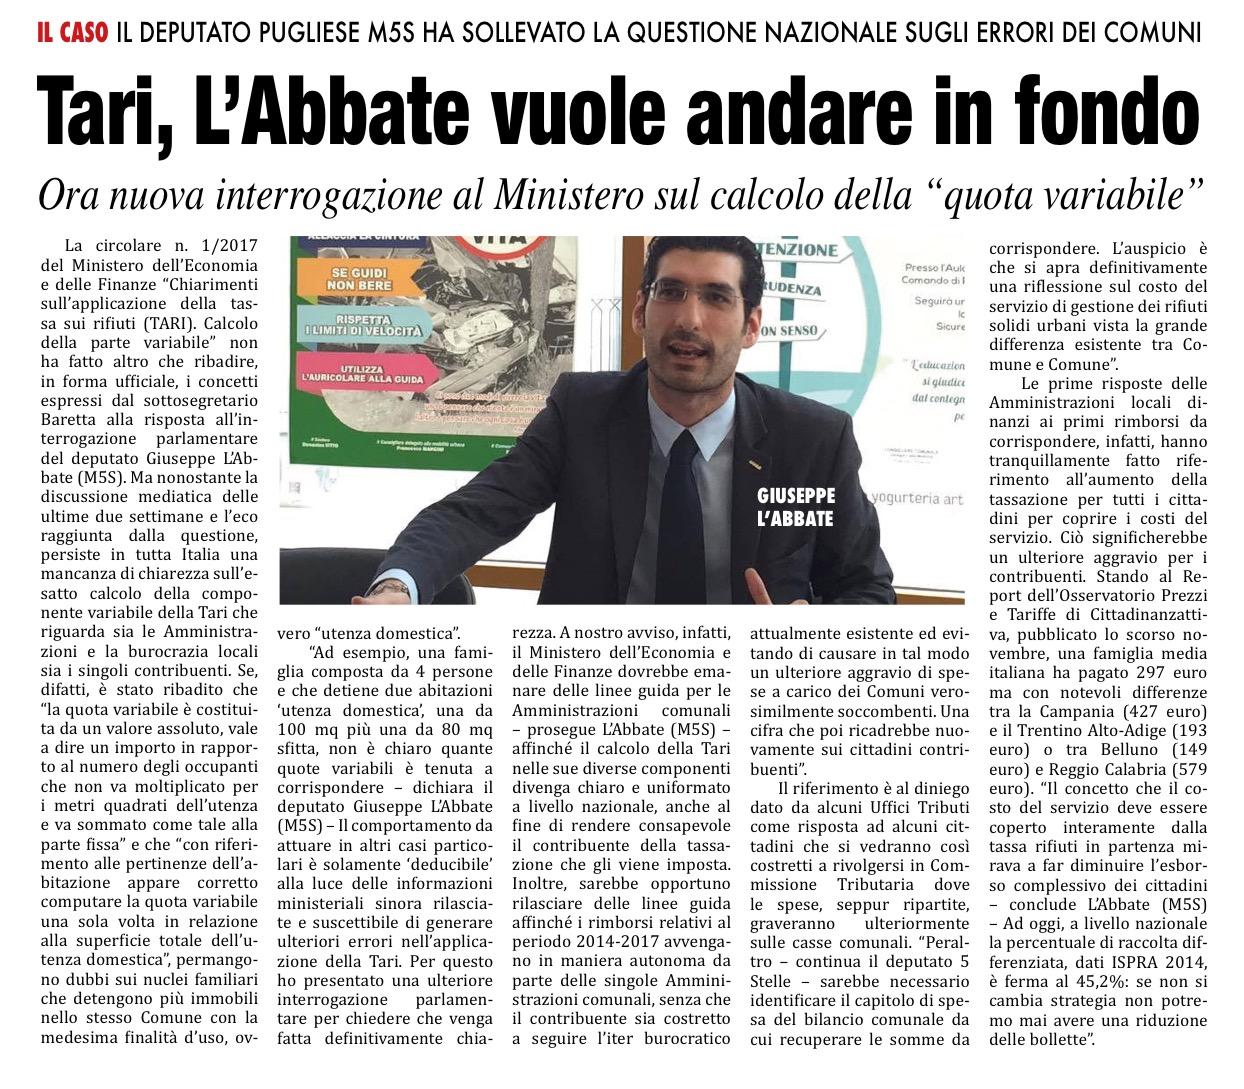 Il Mattino di Foggia - 26.11.2017